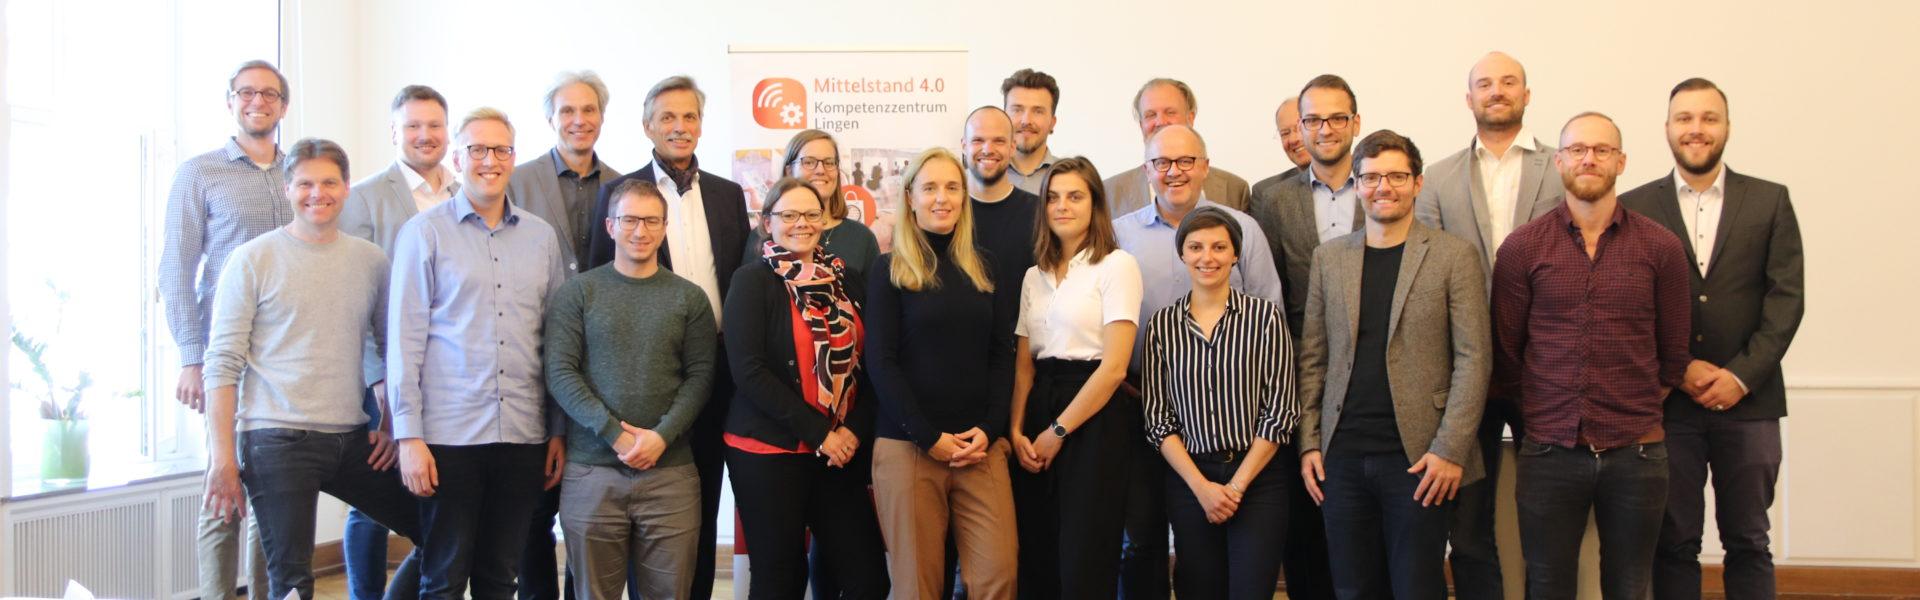 Gruppenfoto des Mittelstand 4.0-Kompetenzzentrums Lingen